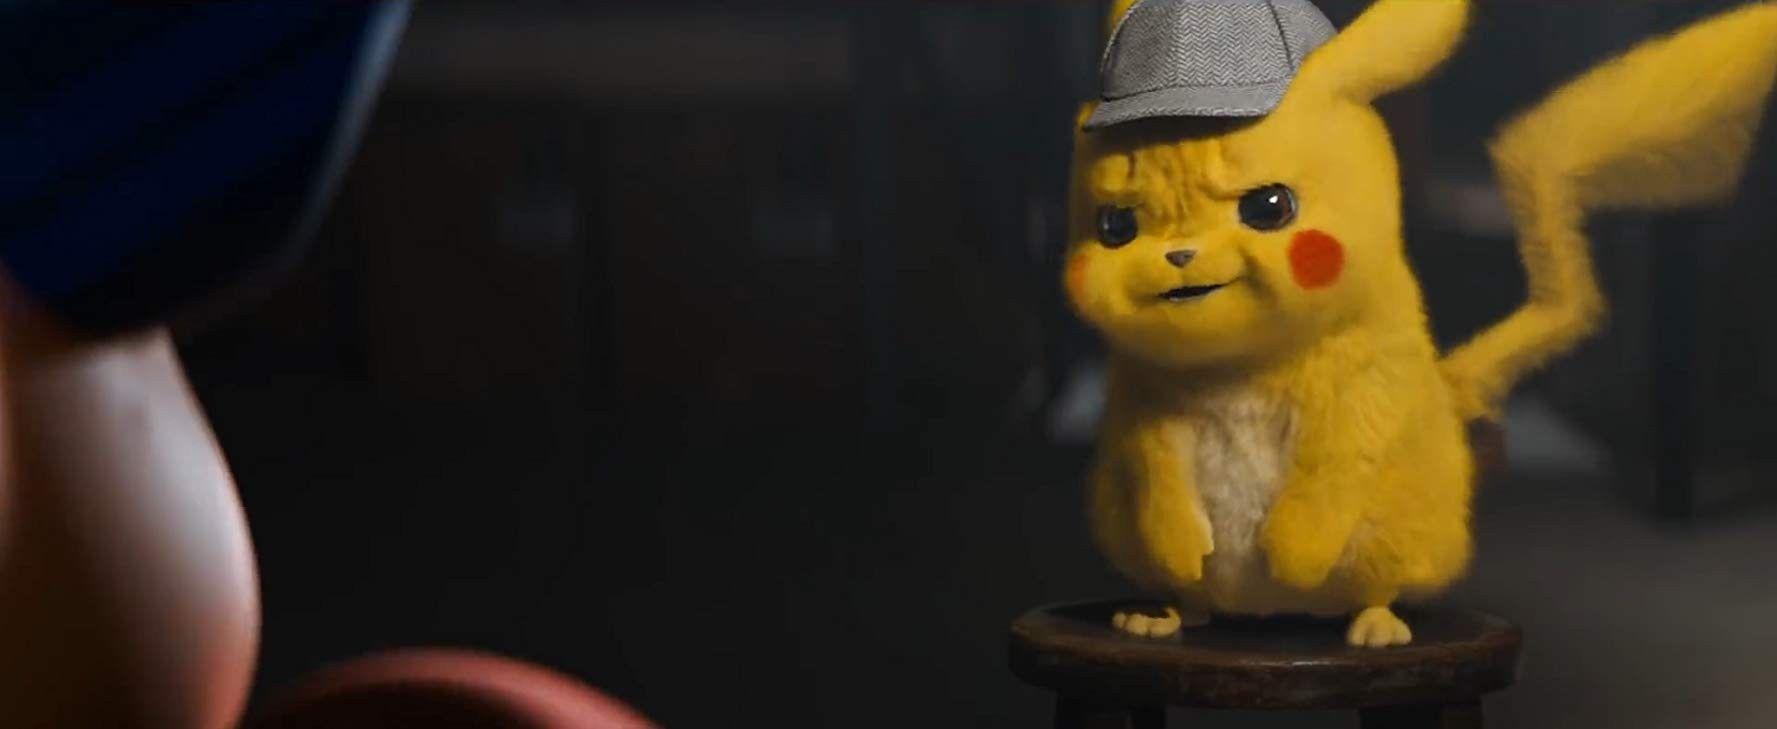 Épinglé par MARYEM LAADIDAOUI sur Popcorn movies Pikachu